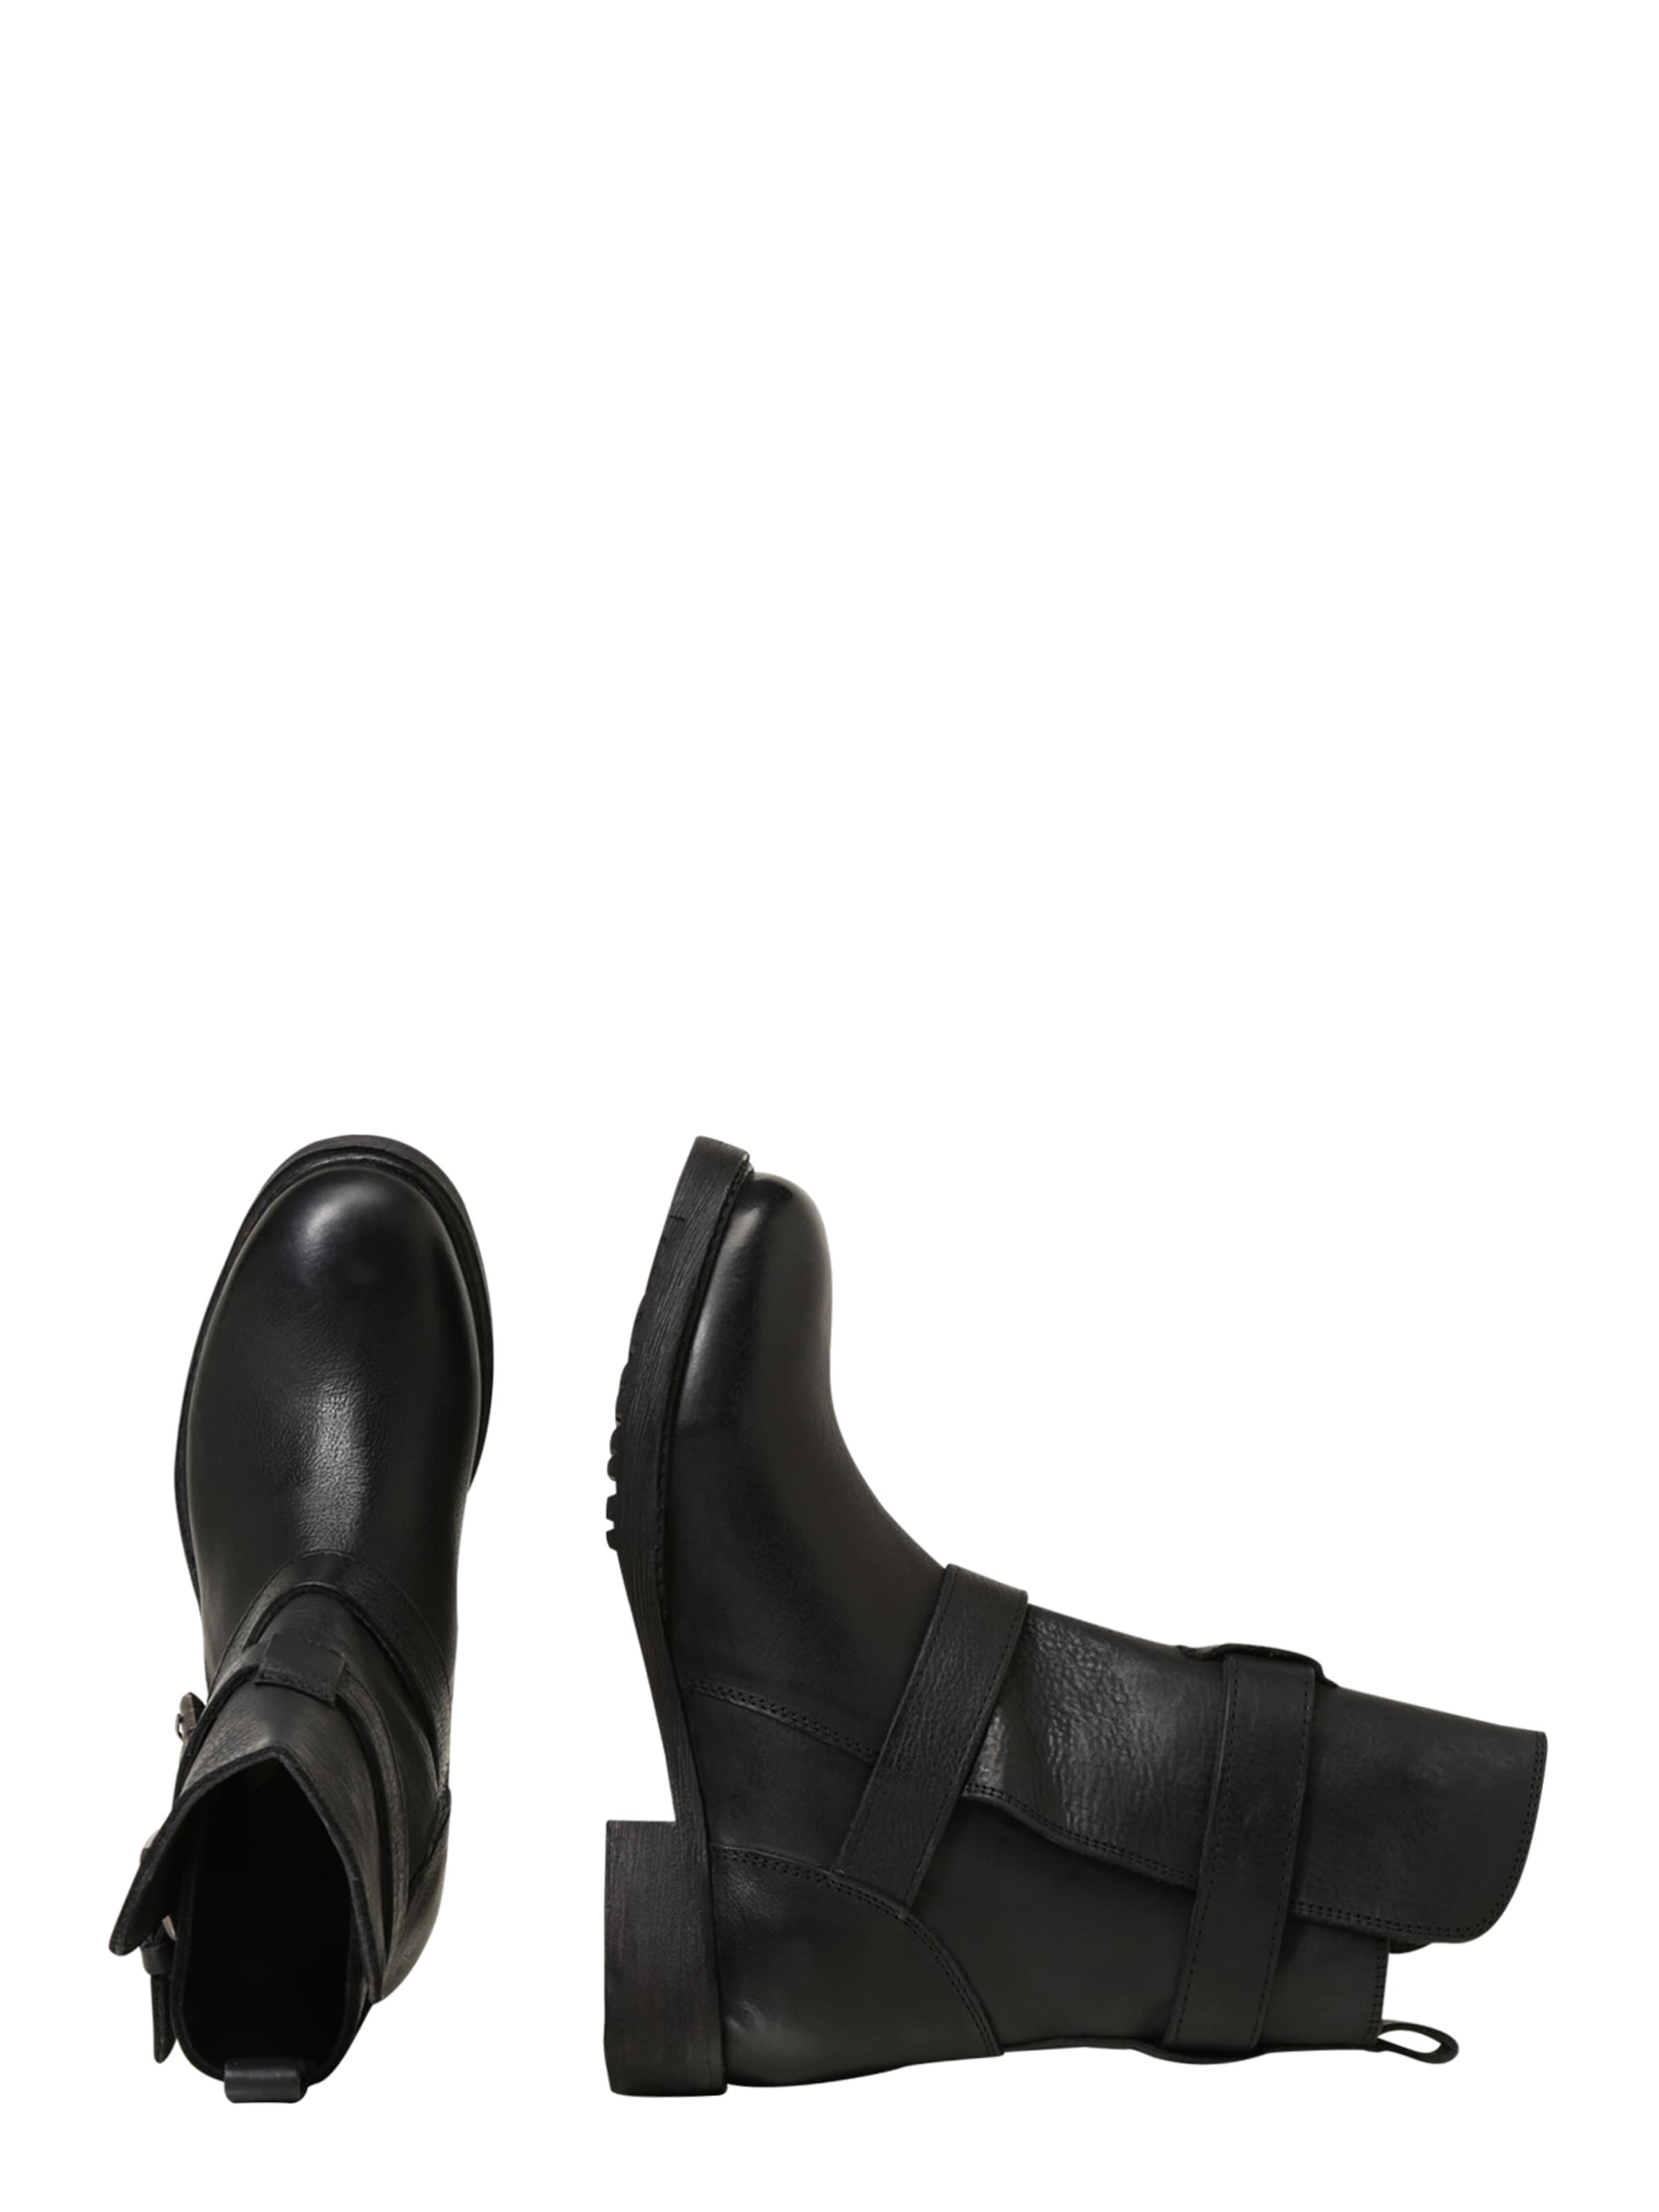 Hayo Noir Crickit En For 'valerie' Thomas Boots shdtxQrC